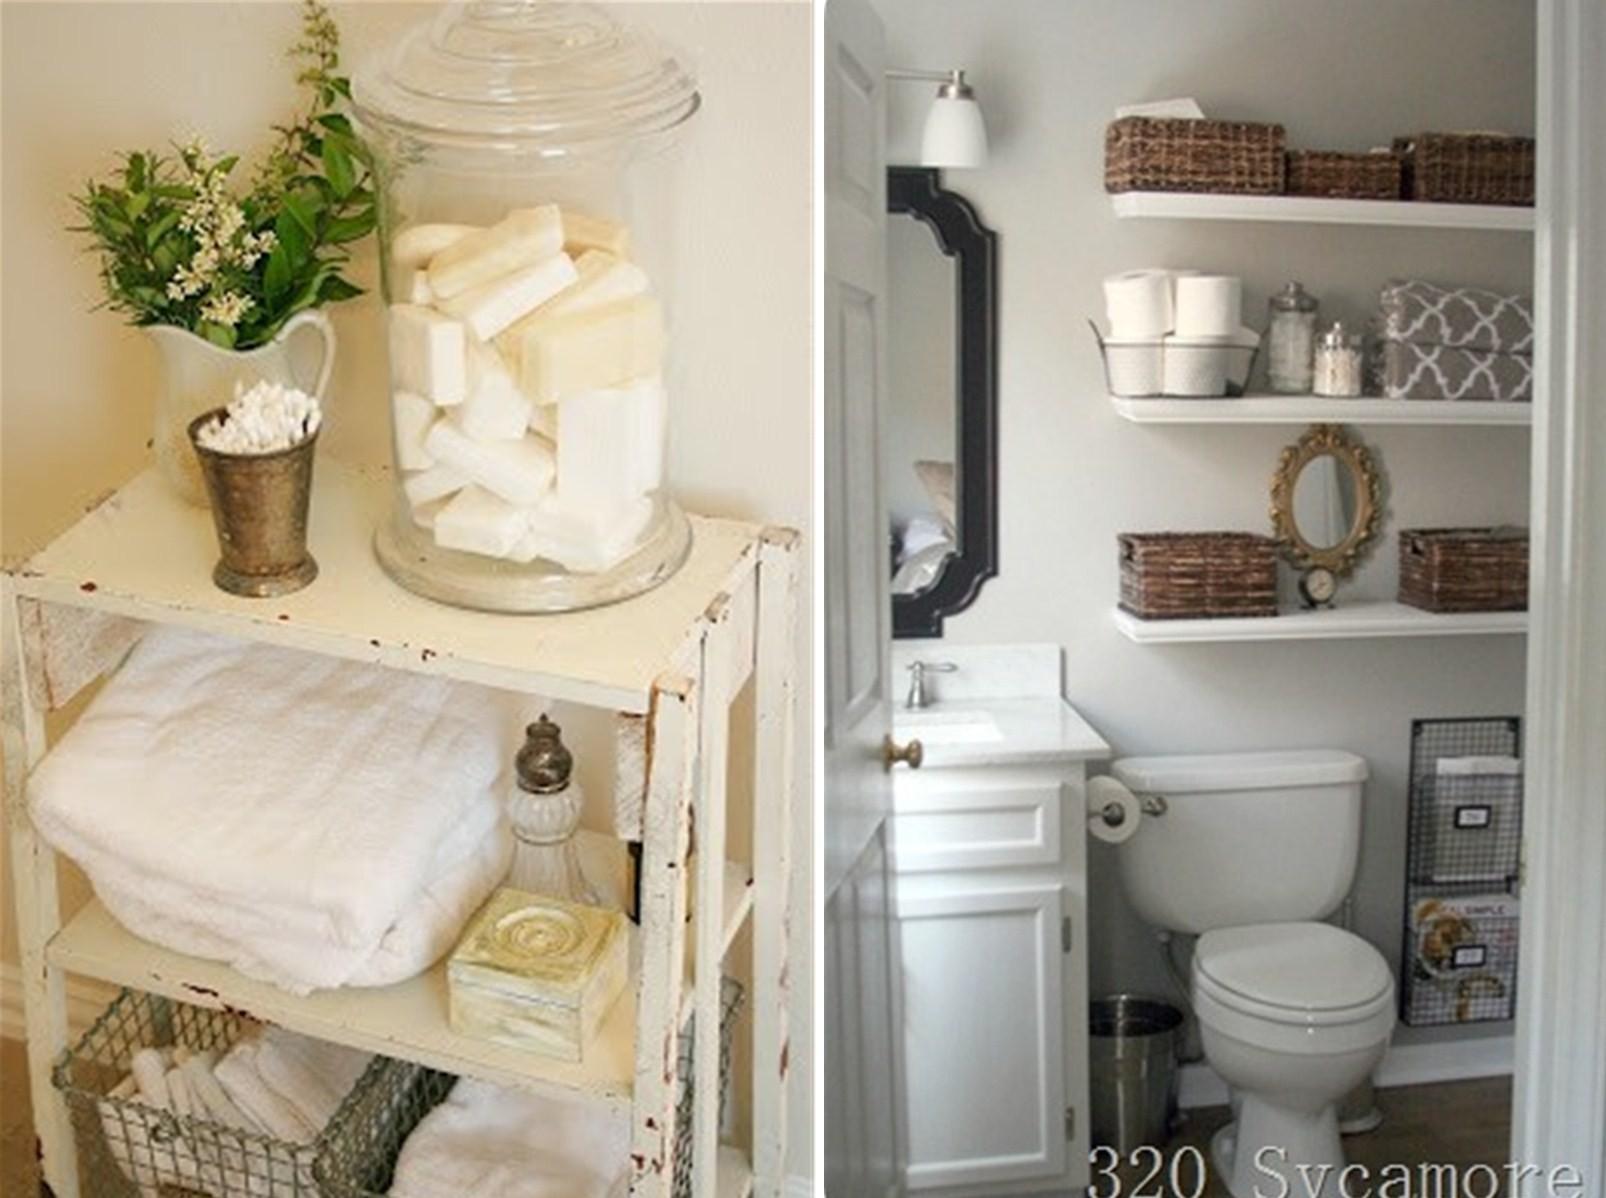 ... Bathroom Ideas Pinterest Stunning Bathroom Half Bath Decorating Ideas  Design Ideas And Decor And As Concept